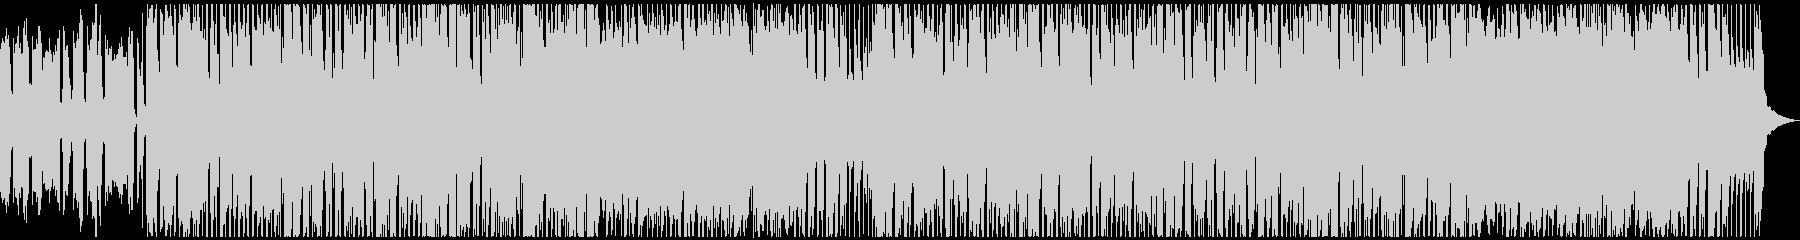 カントリーロック風のギターインストの未再生の波形